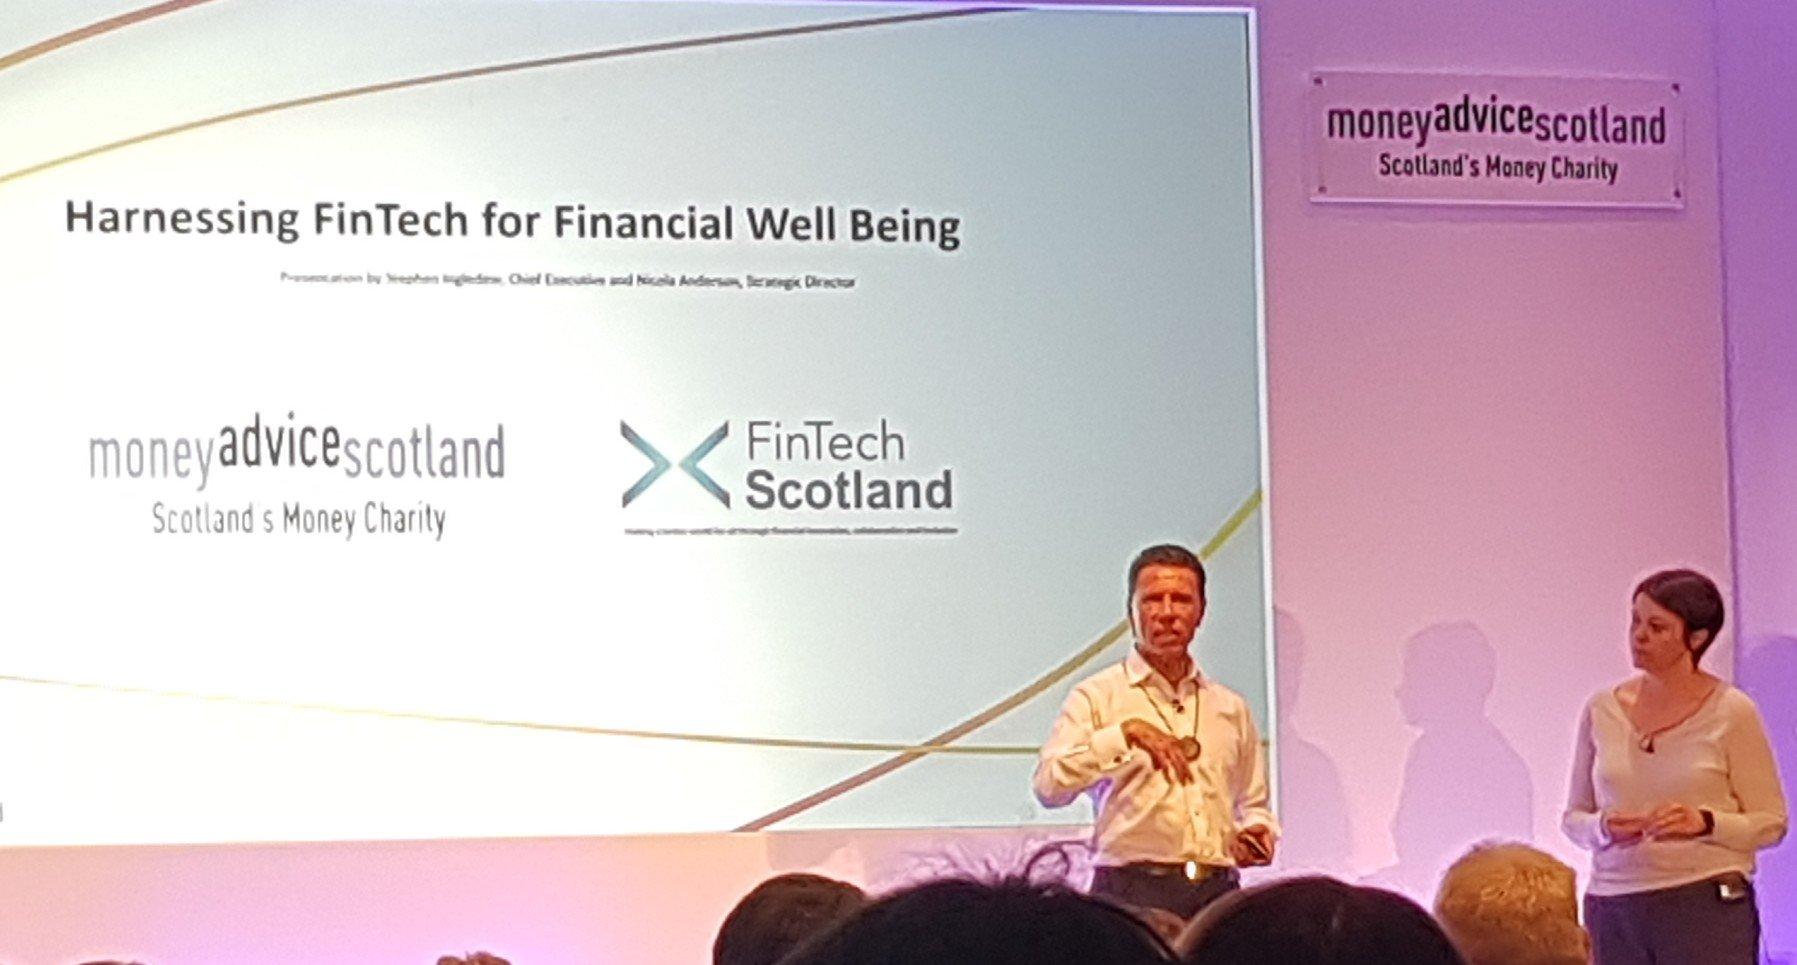 Fin Tech Scotland